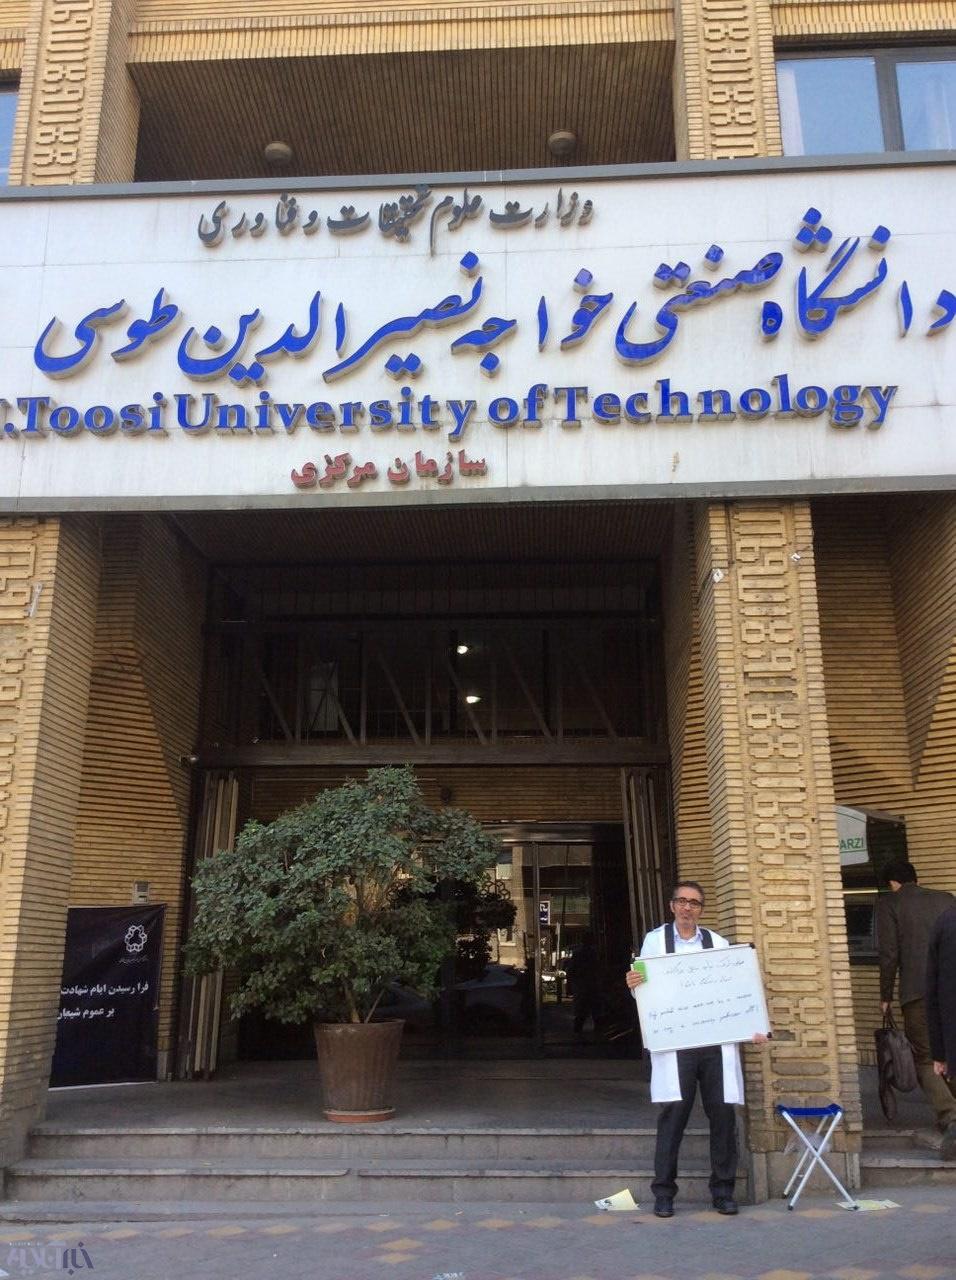 تحصن استاد دانشگاه خواجه نصیر طوسی